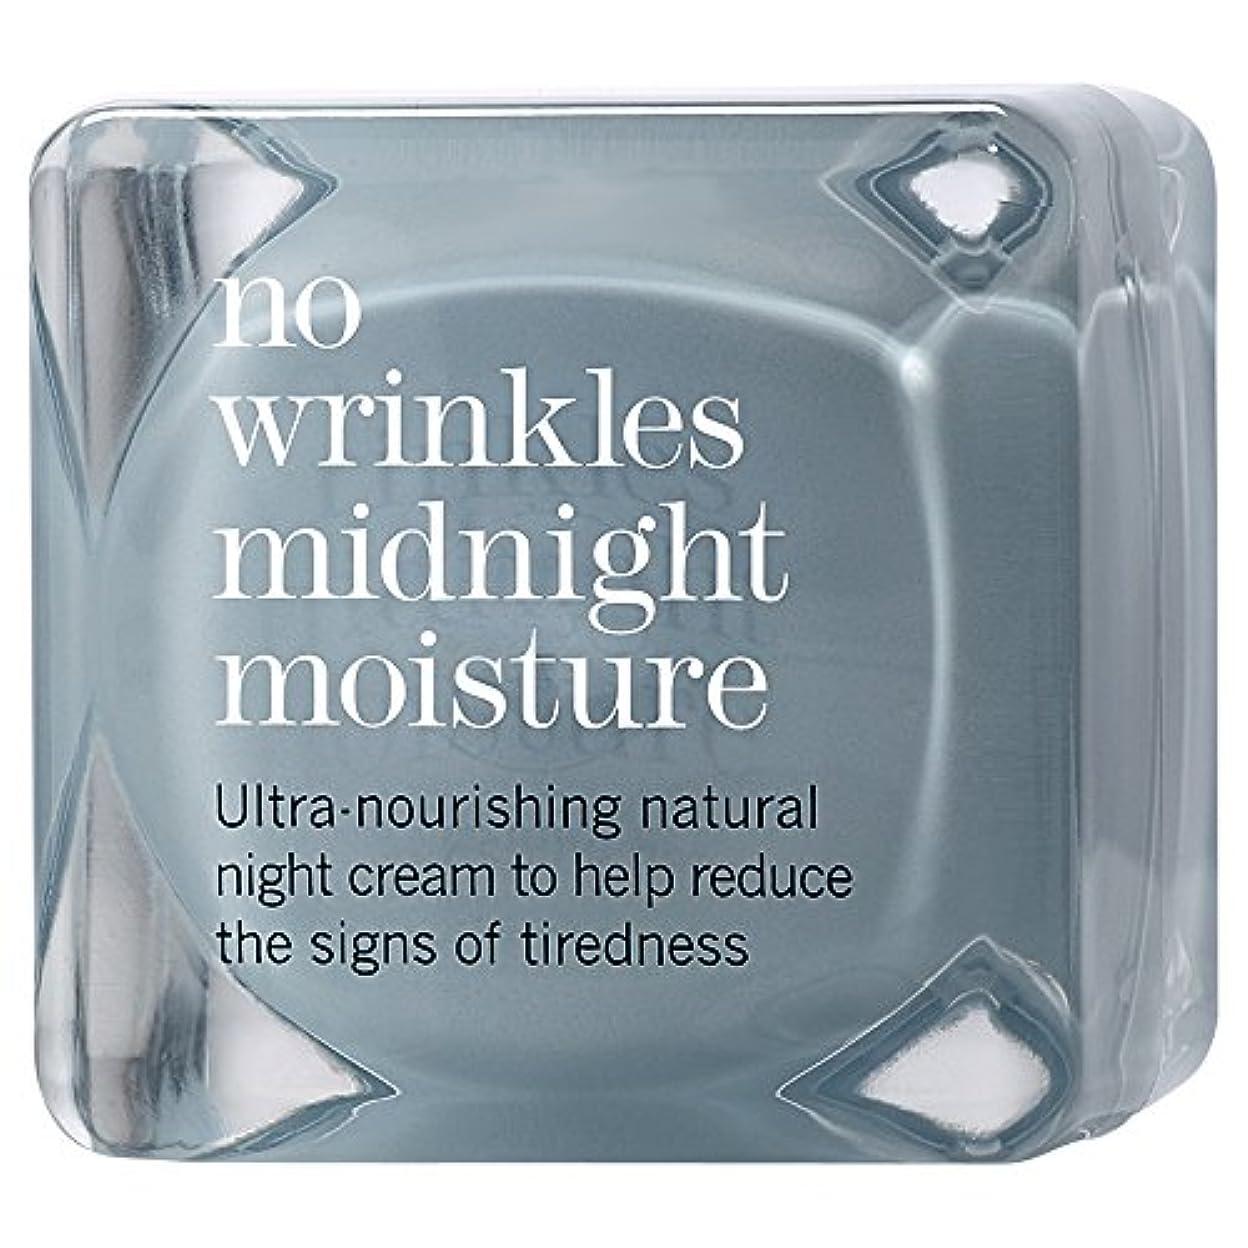 観光に行く彼女自身ブラウスこれにはしわ真夜中の水分48ミリリットルの作品はありません (This Works) (x6) - This Works No Wrinkles Midnight Moisture 48ml (Pack of 6) [並行輸入品]